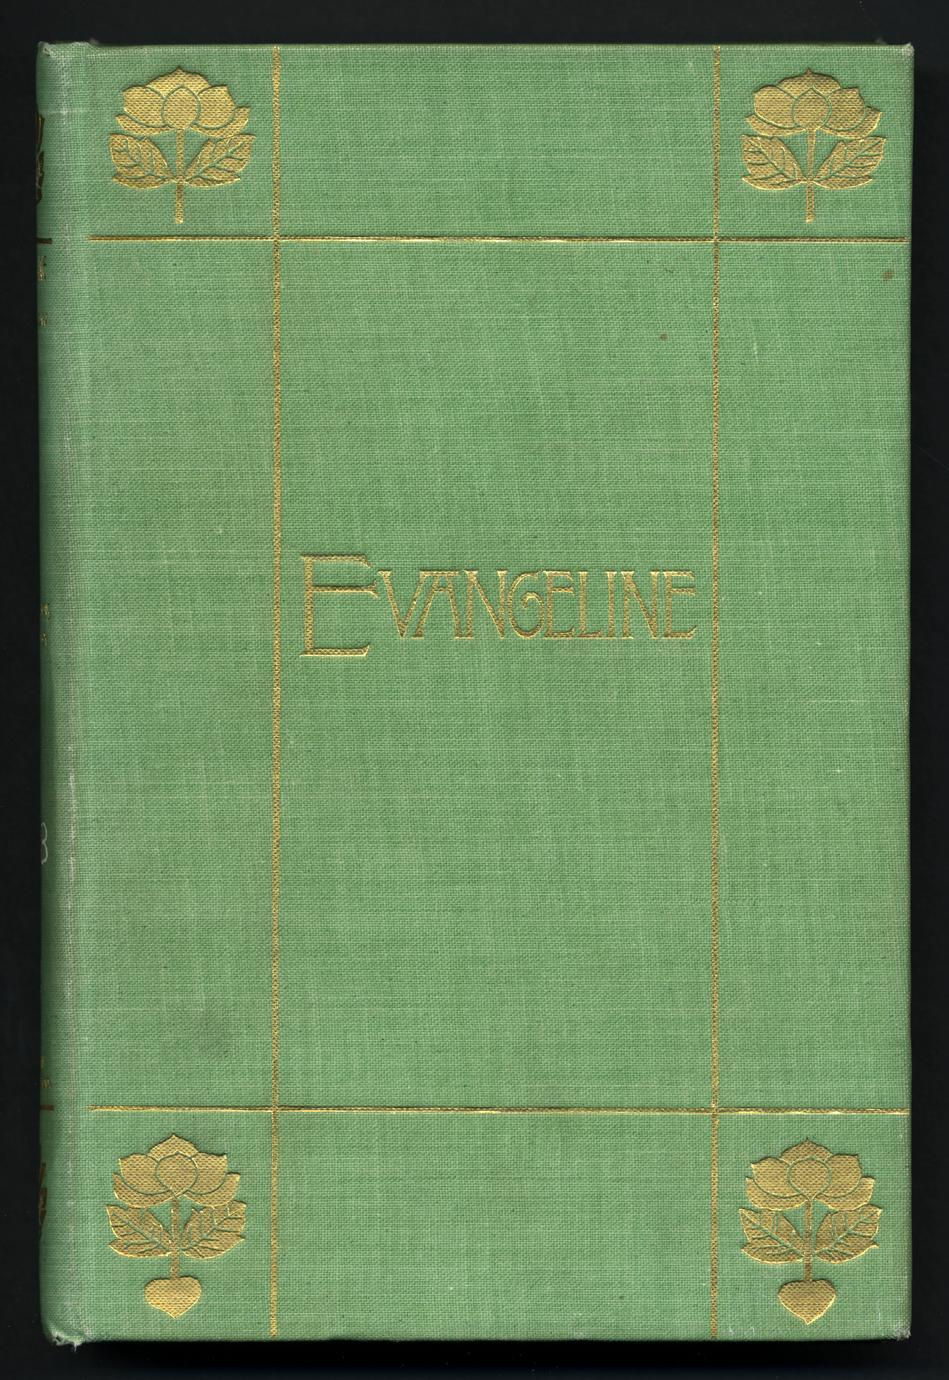 Evangeline : a tale of Acadie (1 of 3)